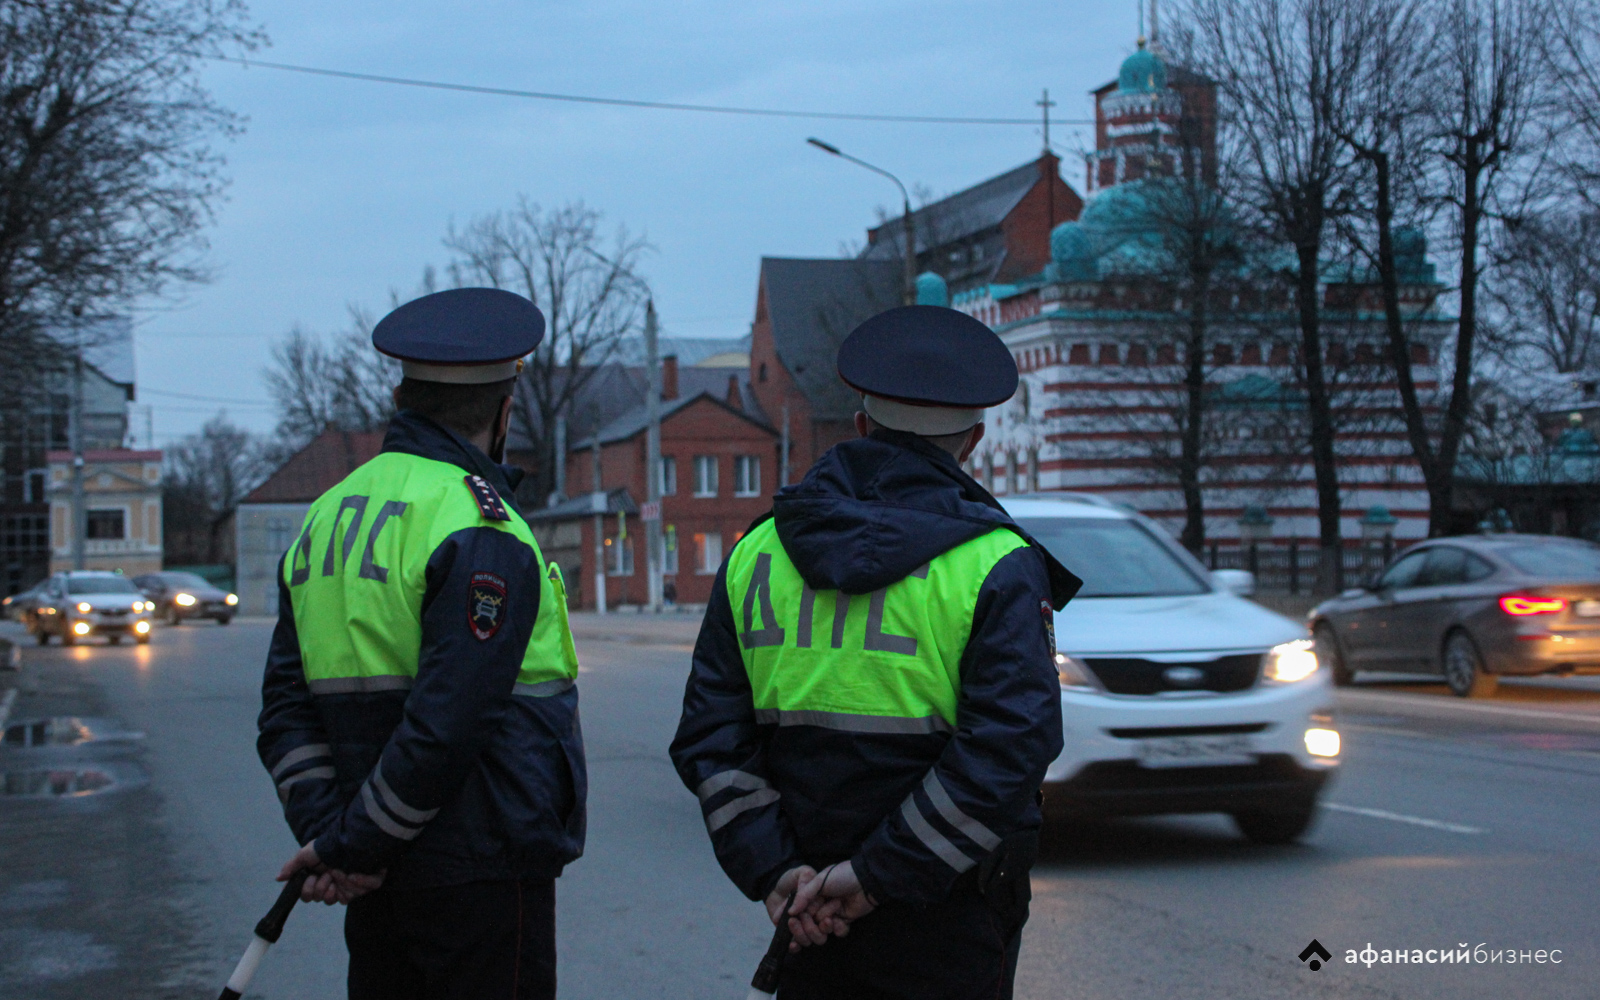 В Минюсте РФ предложили автоматически списывать с водителей штрафы за нарушения ПДД